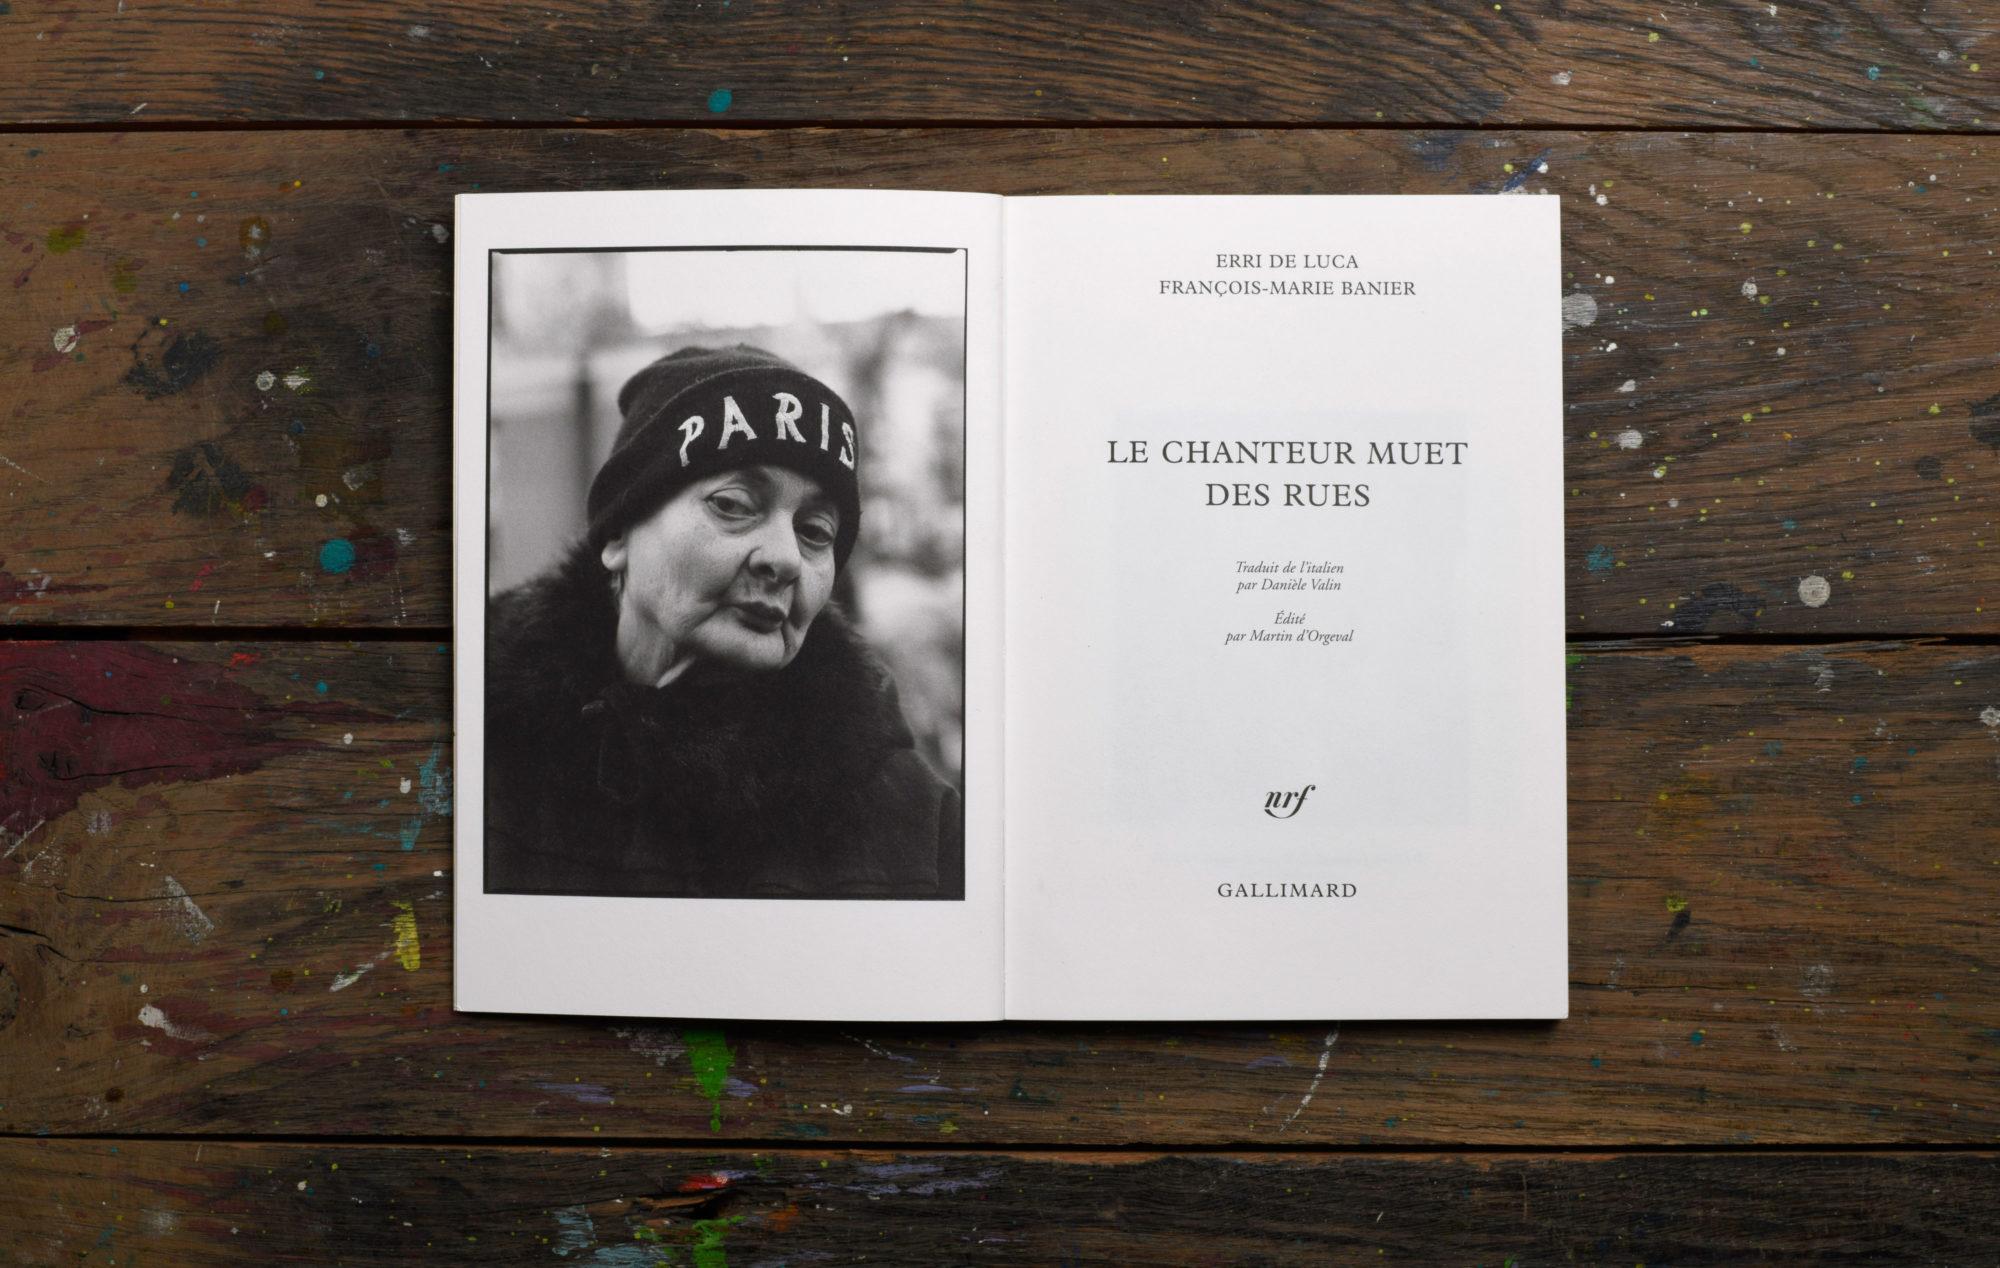 Le chanteur muet des rues - François-Marie Banier